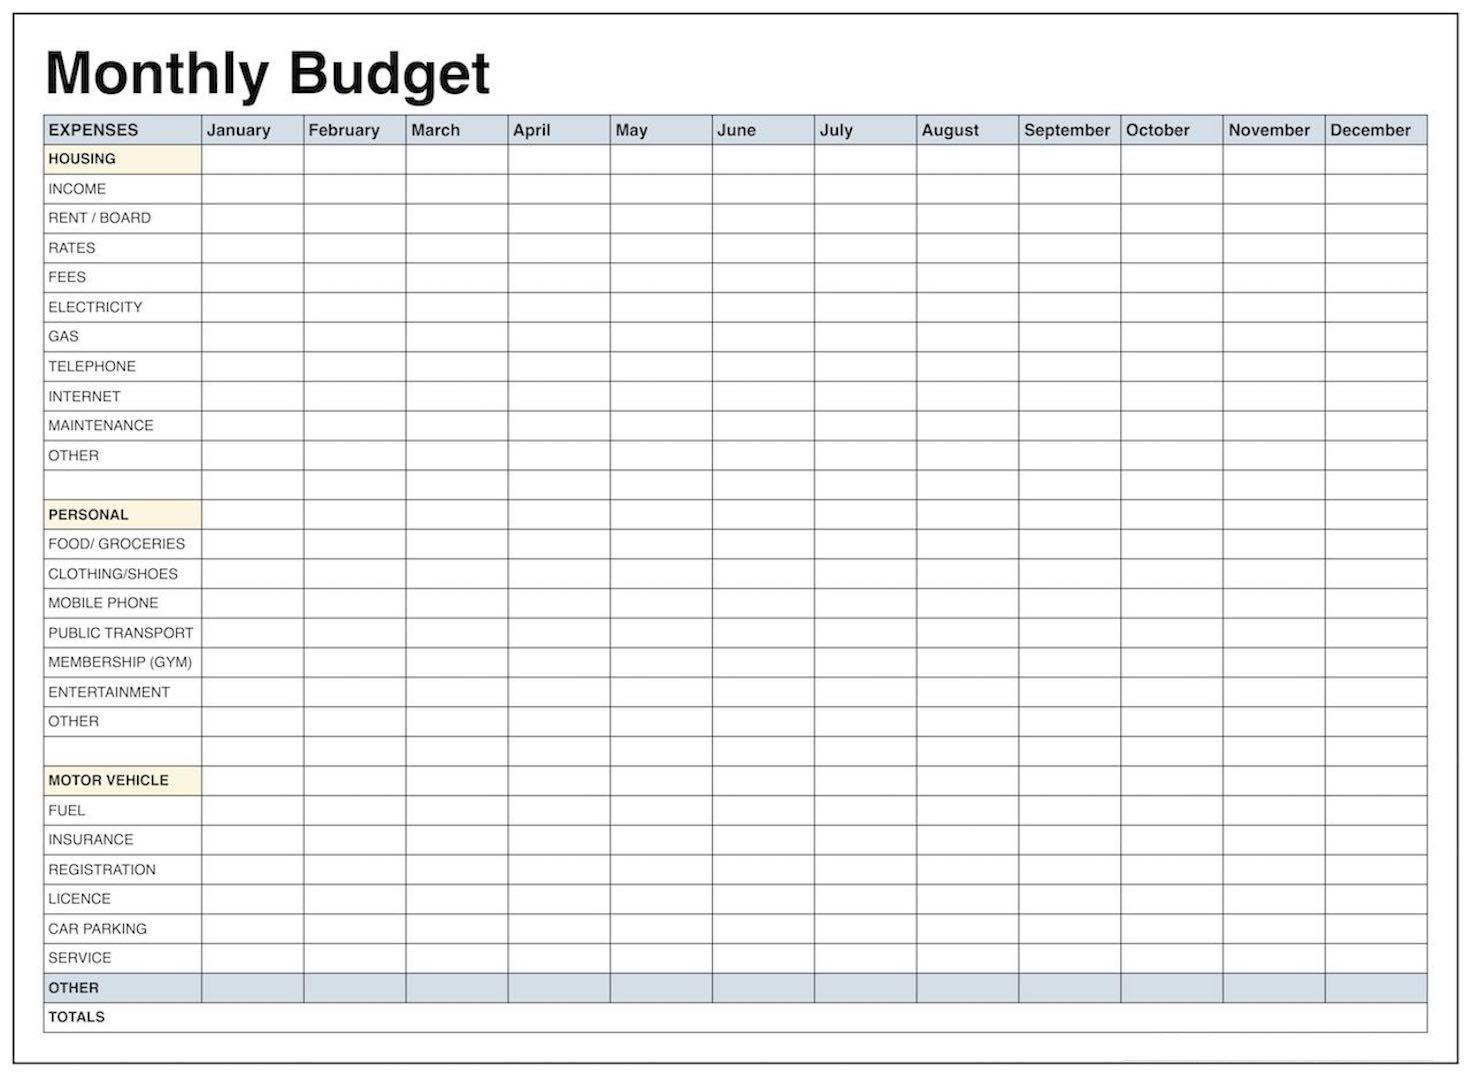 Printable Monthly Budget Worksheet Excel - Koran.sticken.co | Monthly Spending Worksheet Printable